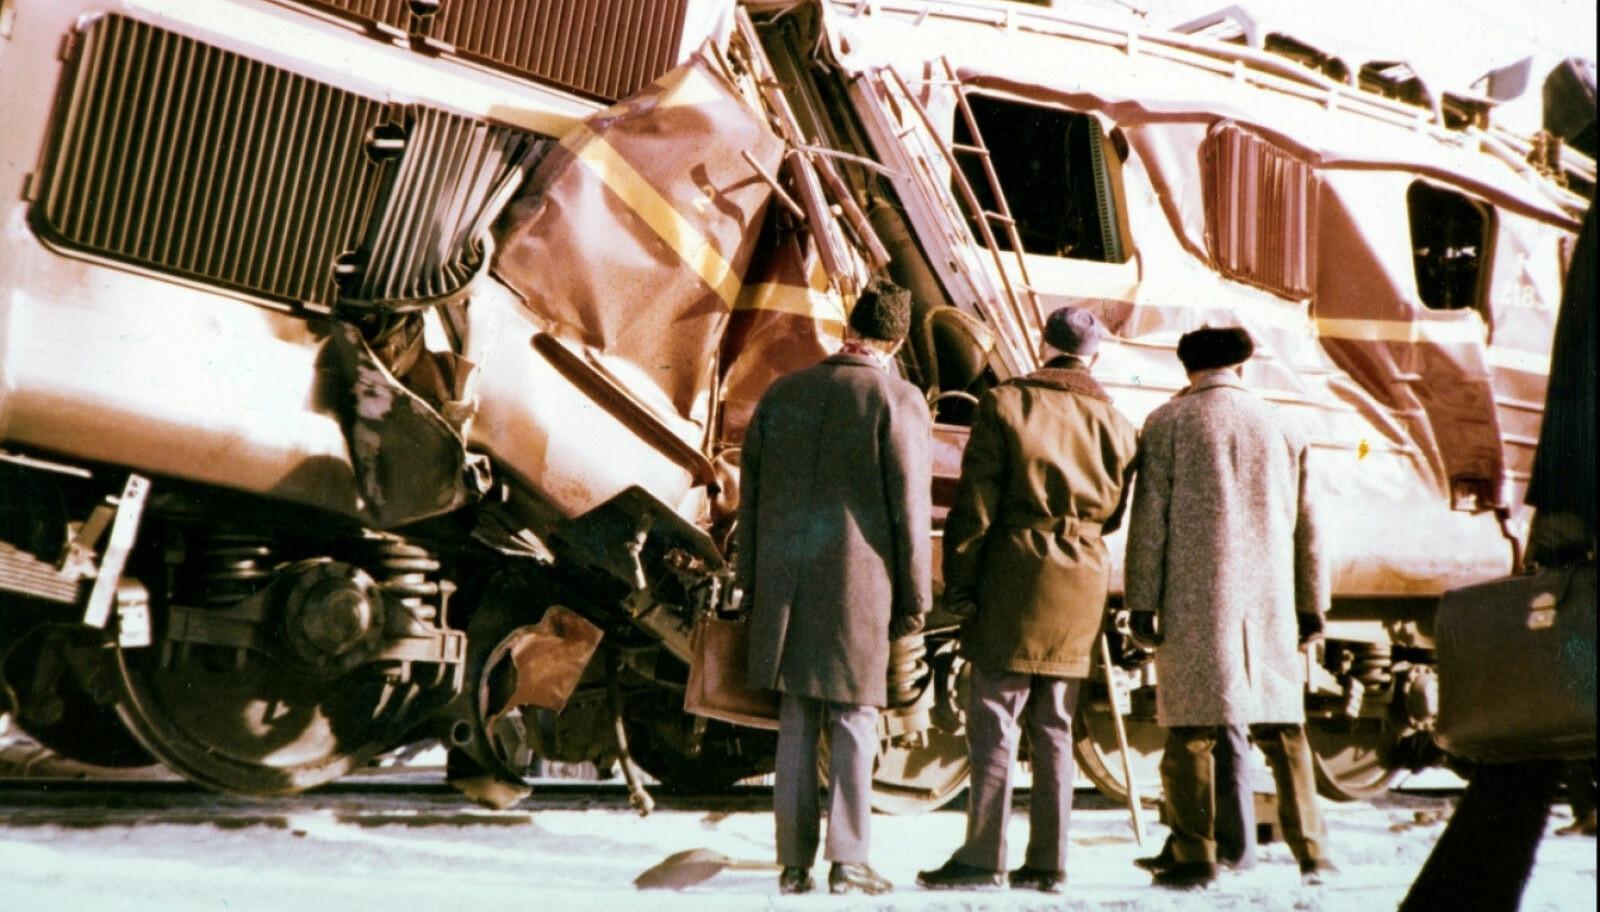 <b>TRETTEN-ULYKKEN:</b> Tretten-ulykken skjedde da et hurtigtog fra Oslo og Dovreekspressen fra Trondheim kolliderte like nord for Tretten stasjon i Øyer kommune i Oppland.